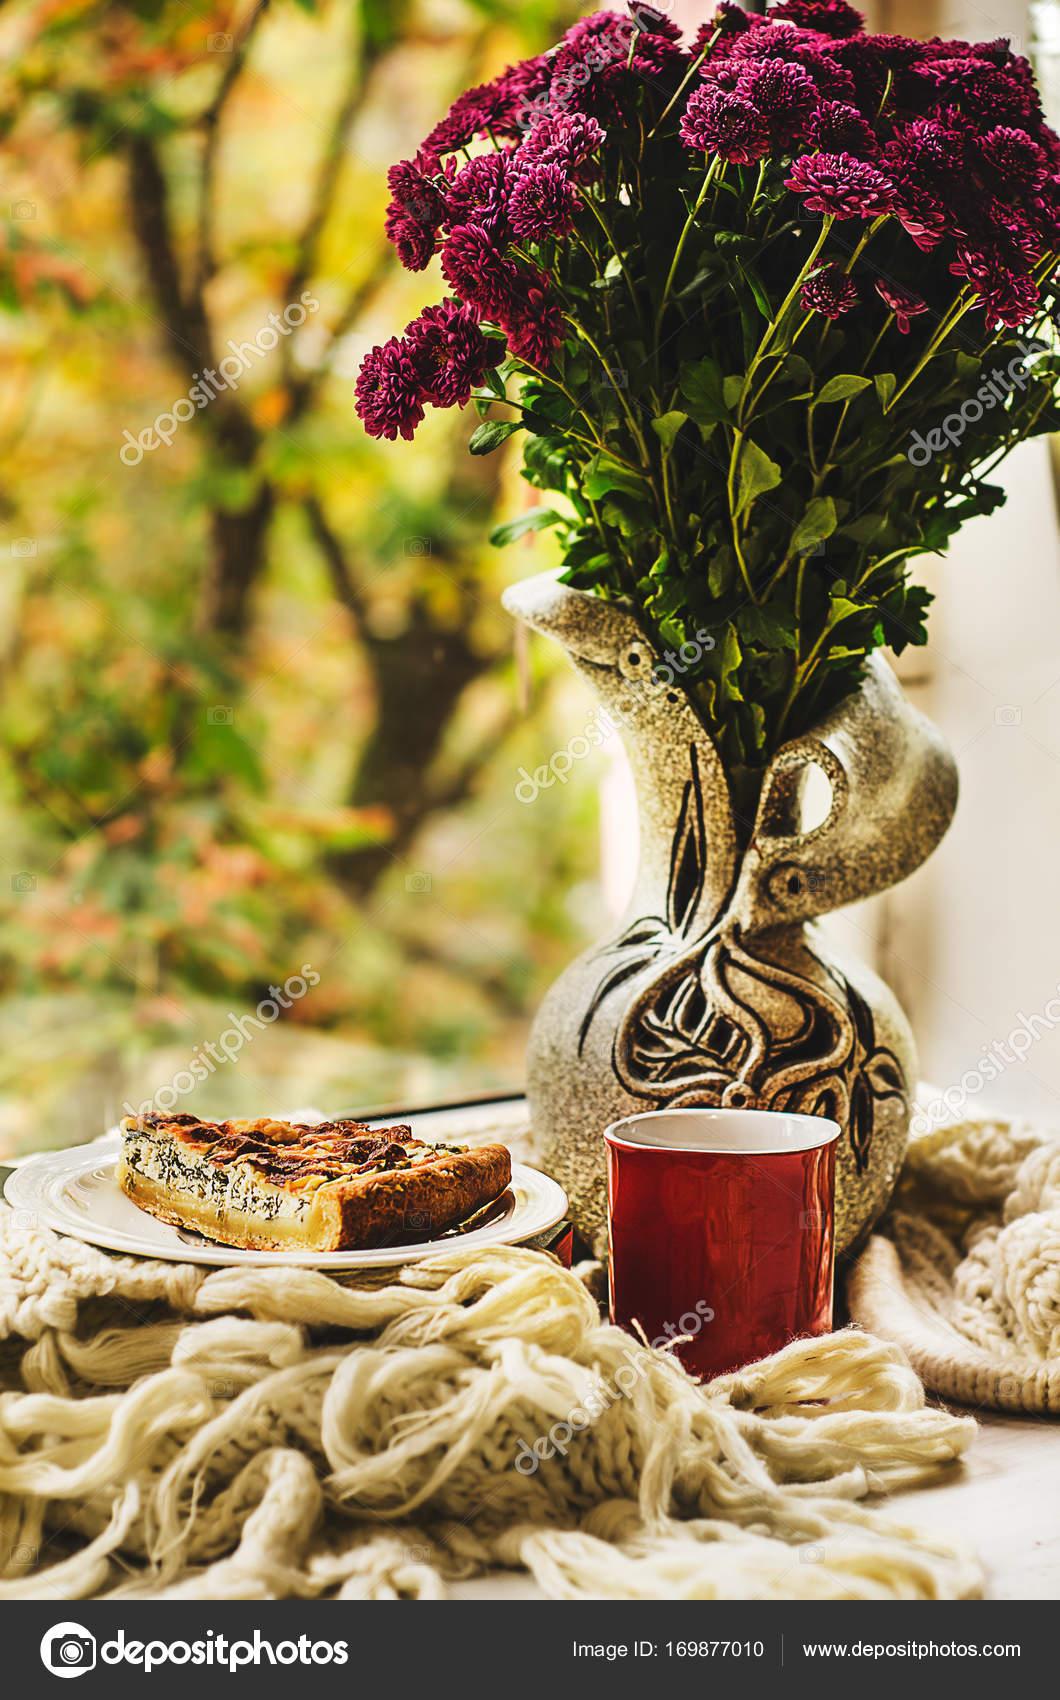 Herbstliche Stillleben mit Blumen in Vase, Scheibe Käse Kuchen ...